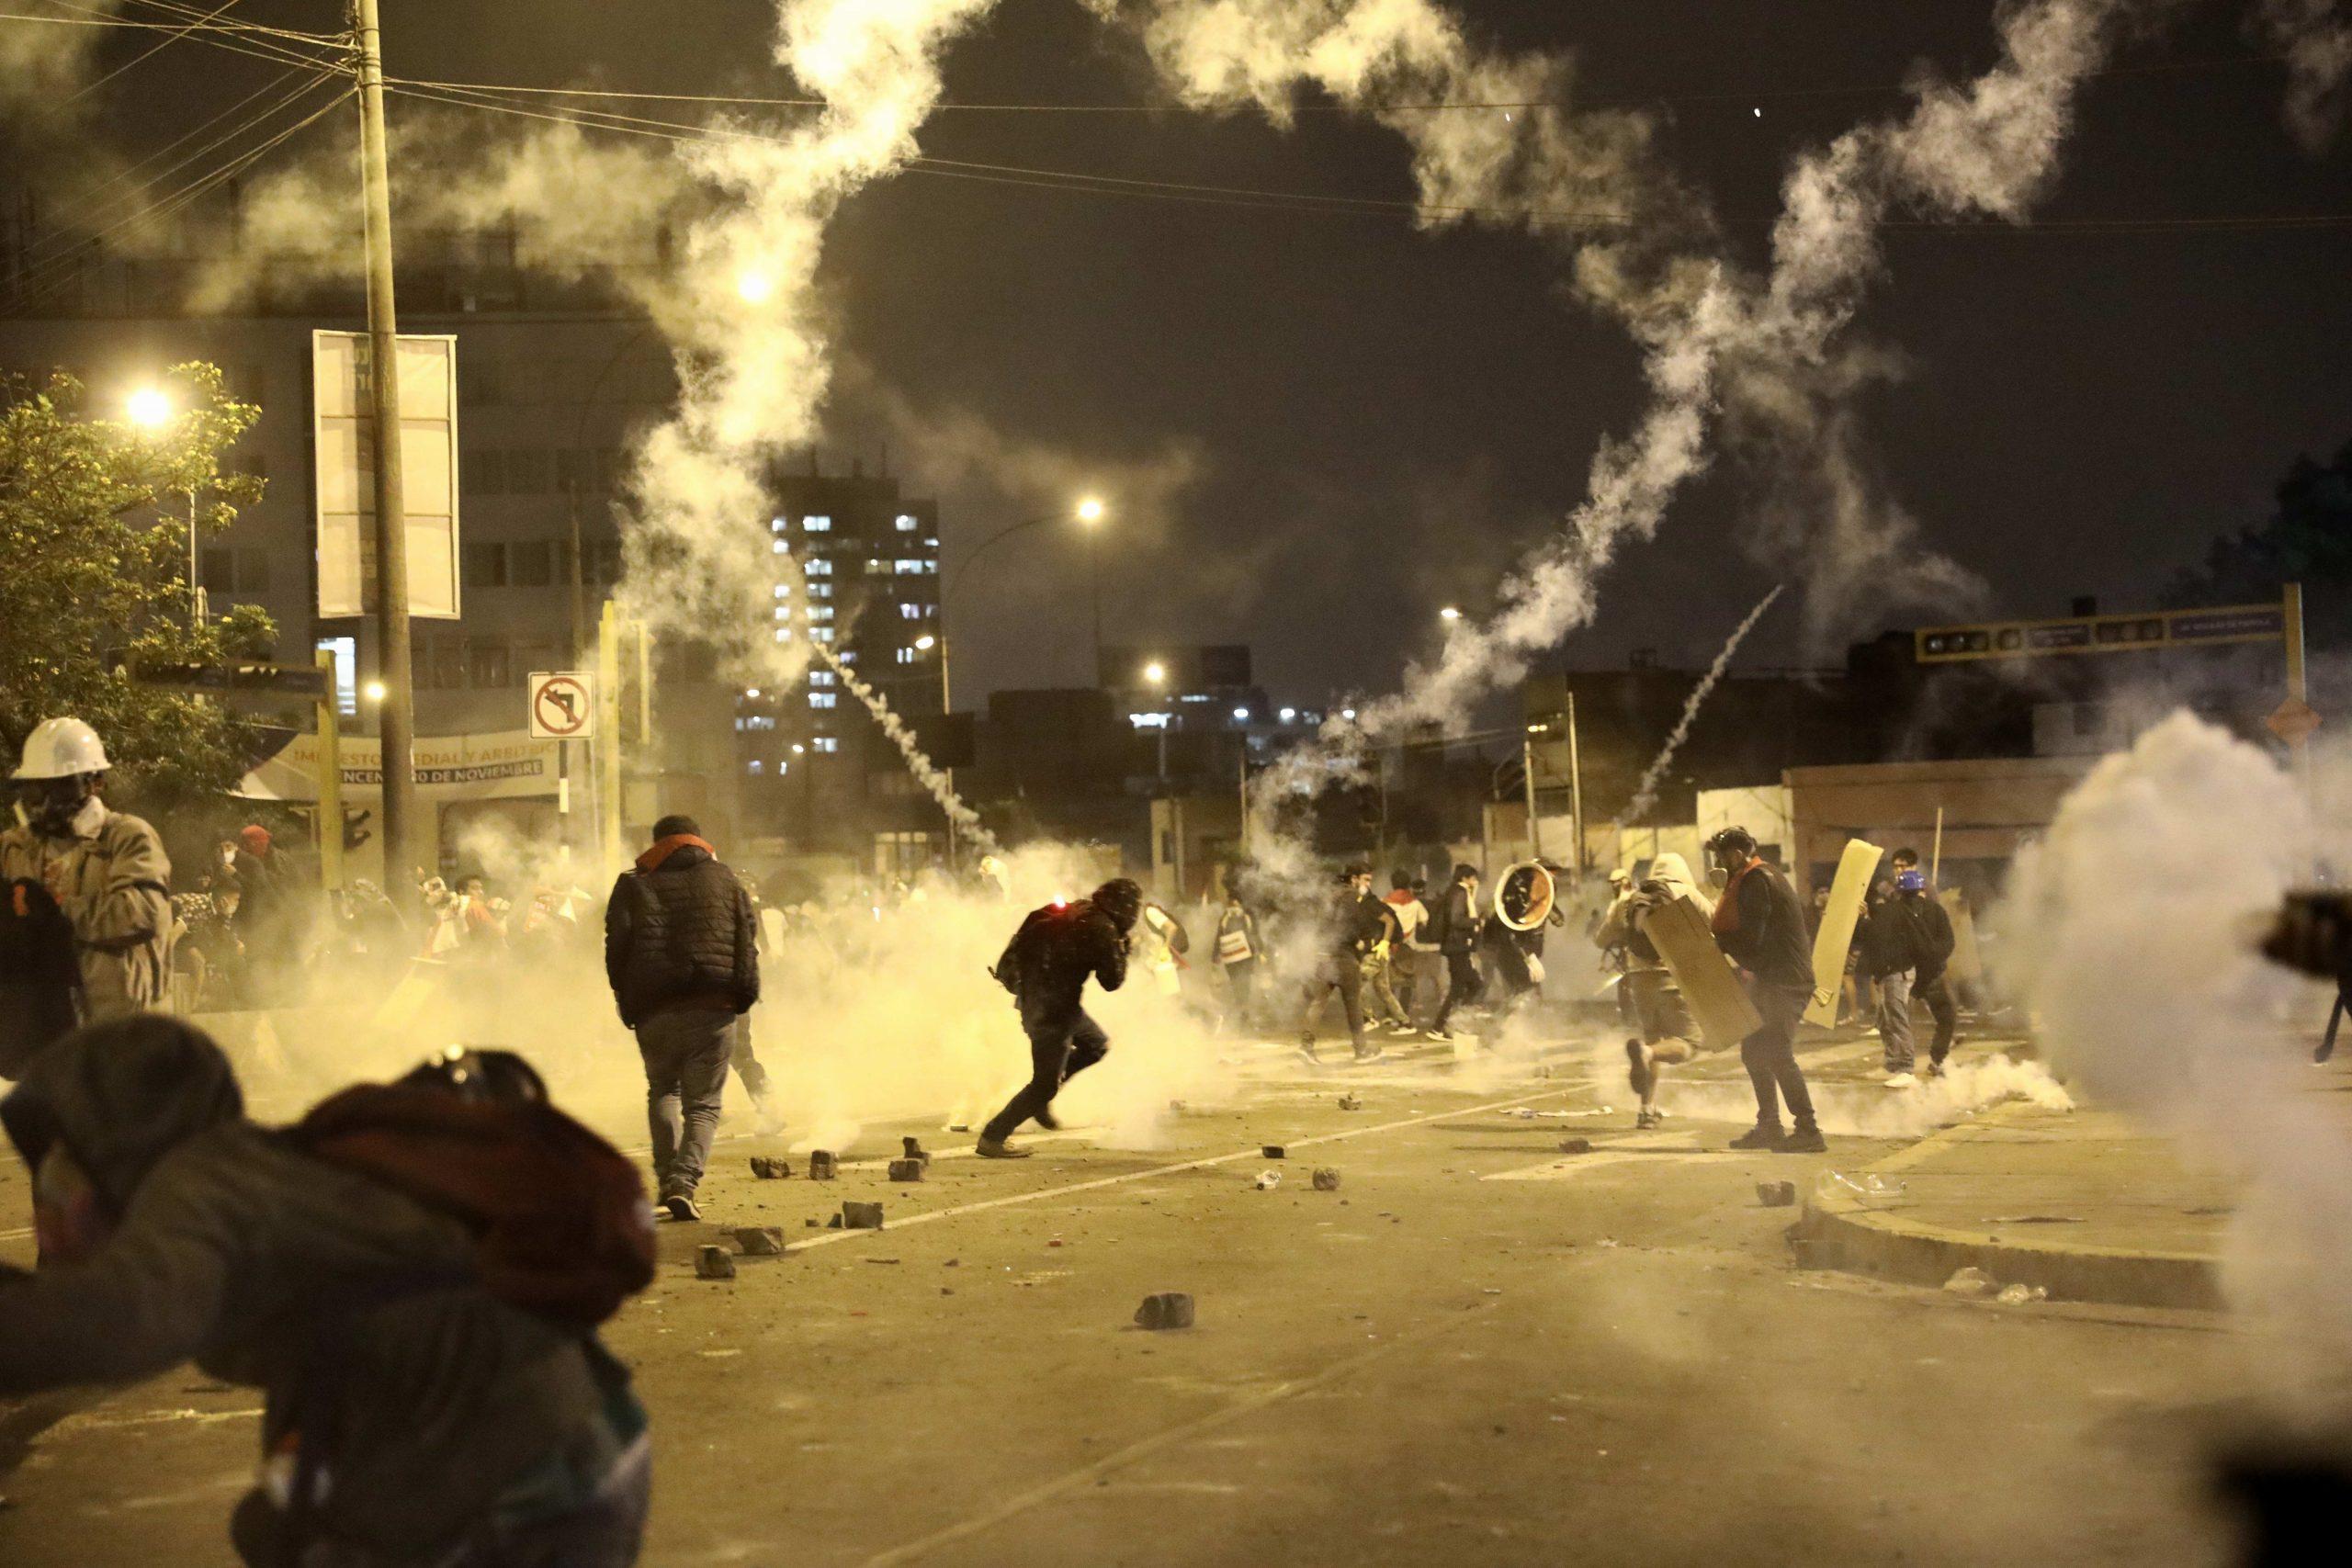 Policía y manifestantes se enfrentan durante una multitudinaria marcha de protesta contra el nuevo gobierno del presidente Manuel Merino, hoy en la plaza San Martín de Lima. Foto de EFE/ Aldair Mejía.